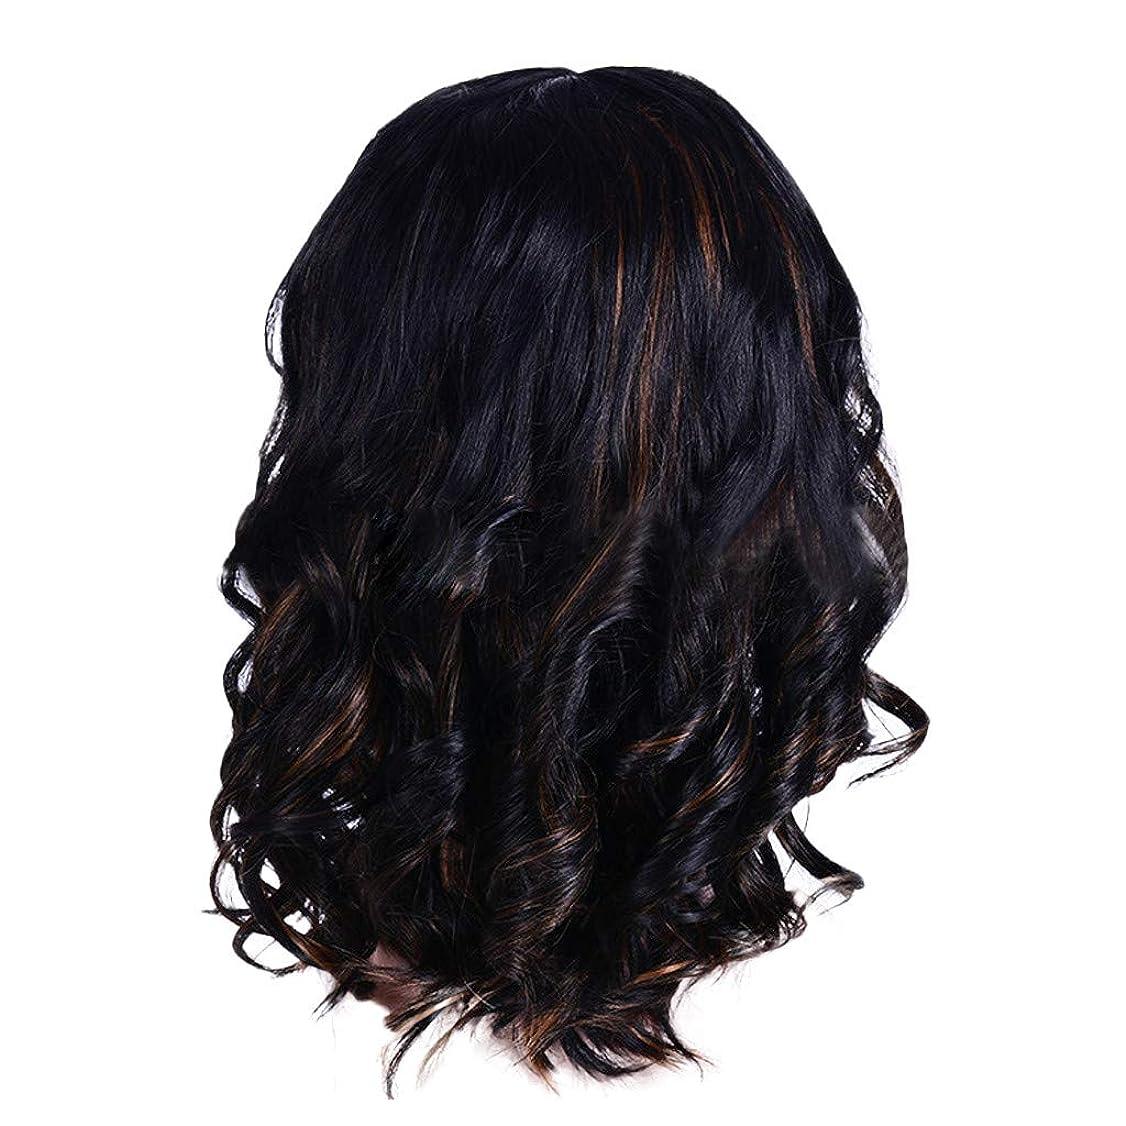 ウィッグの女性の短い巻き毛の黒ボブエレガントなファッションウィッグ